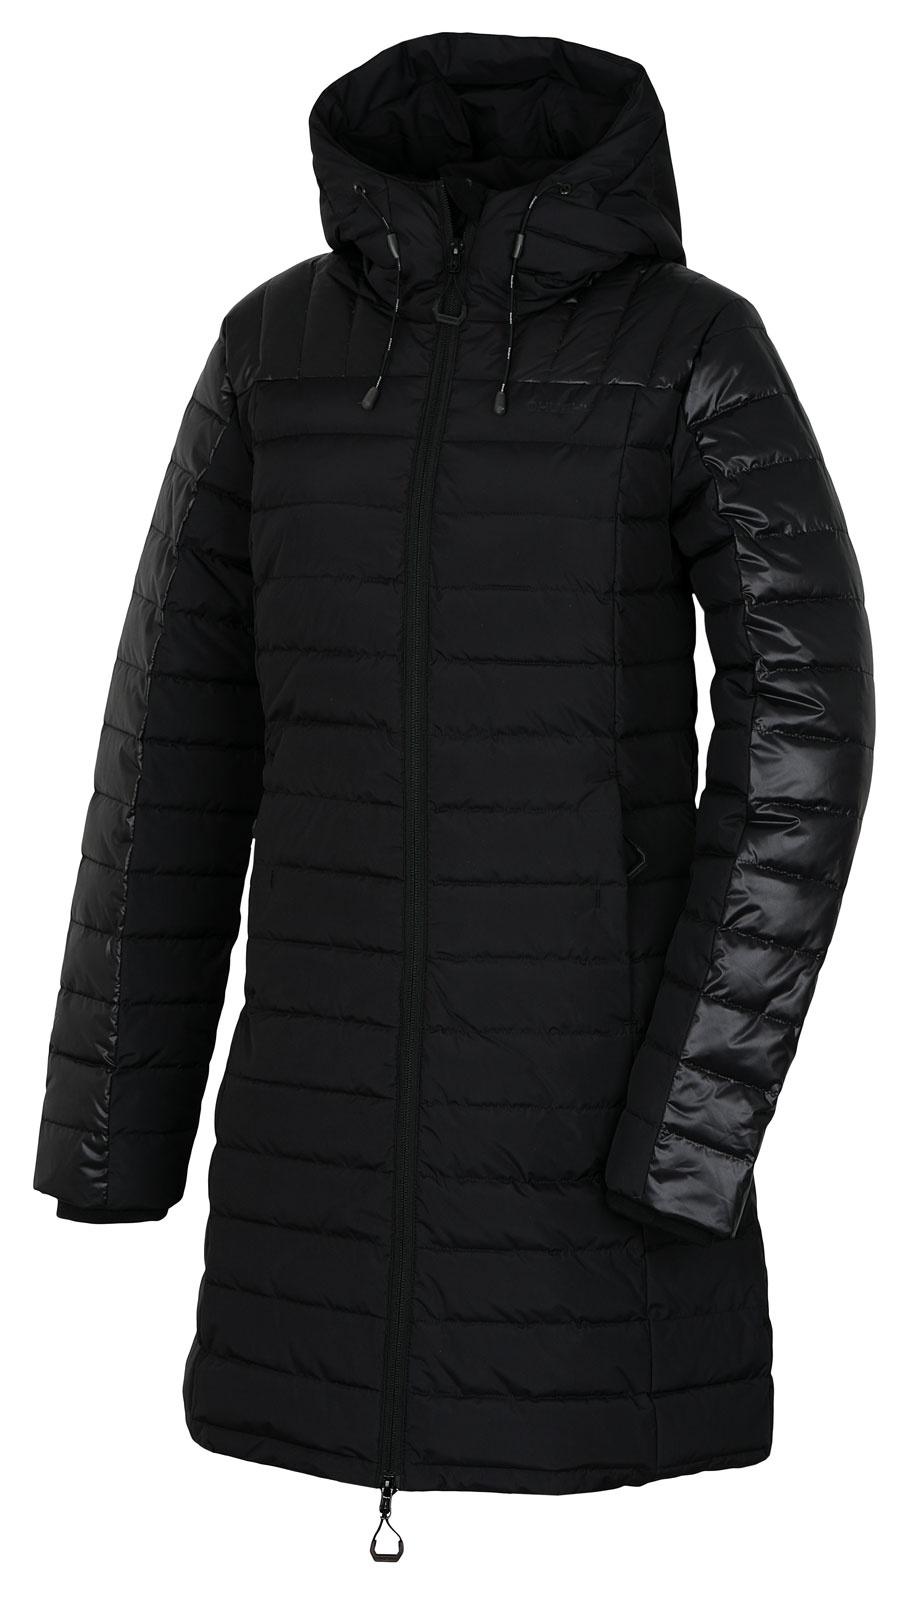 Husky Daili L L, černá Dámský péřový kabátek